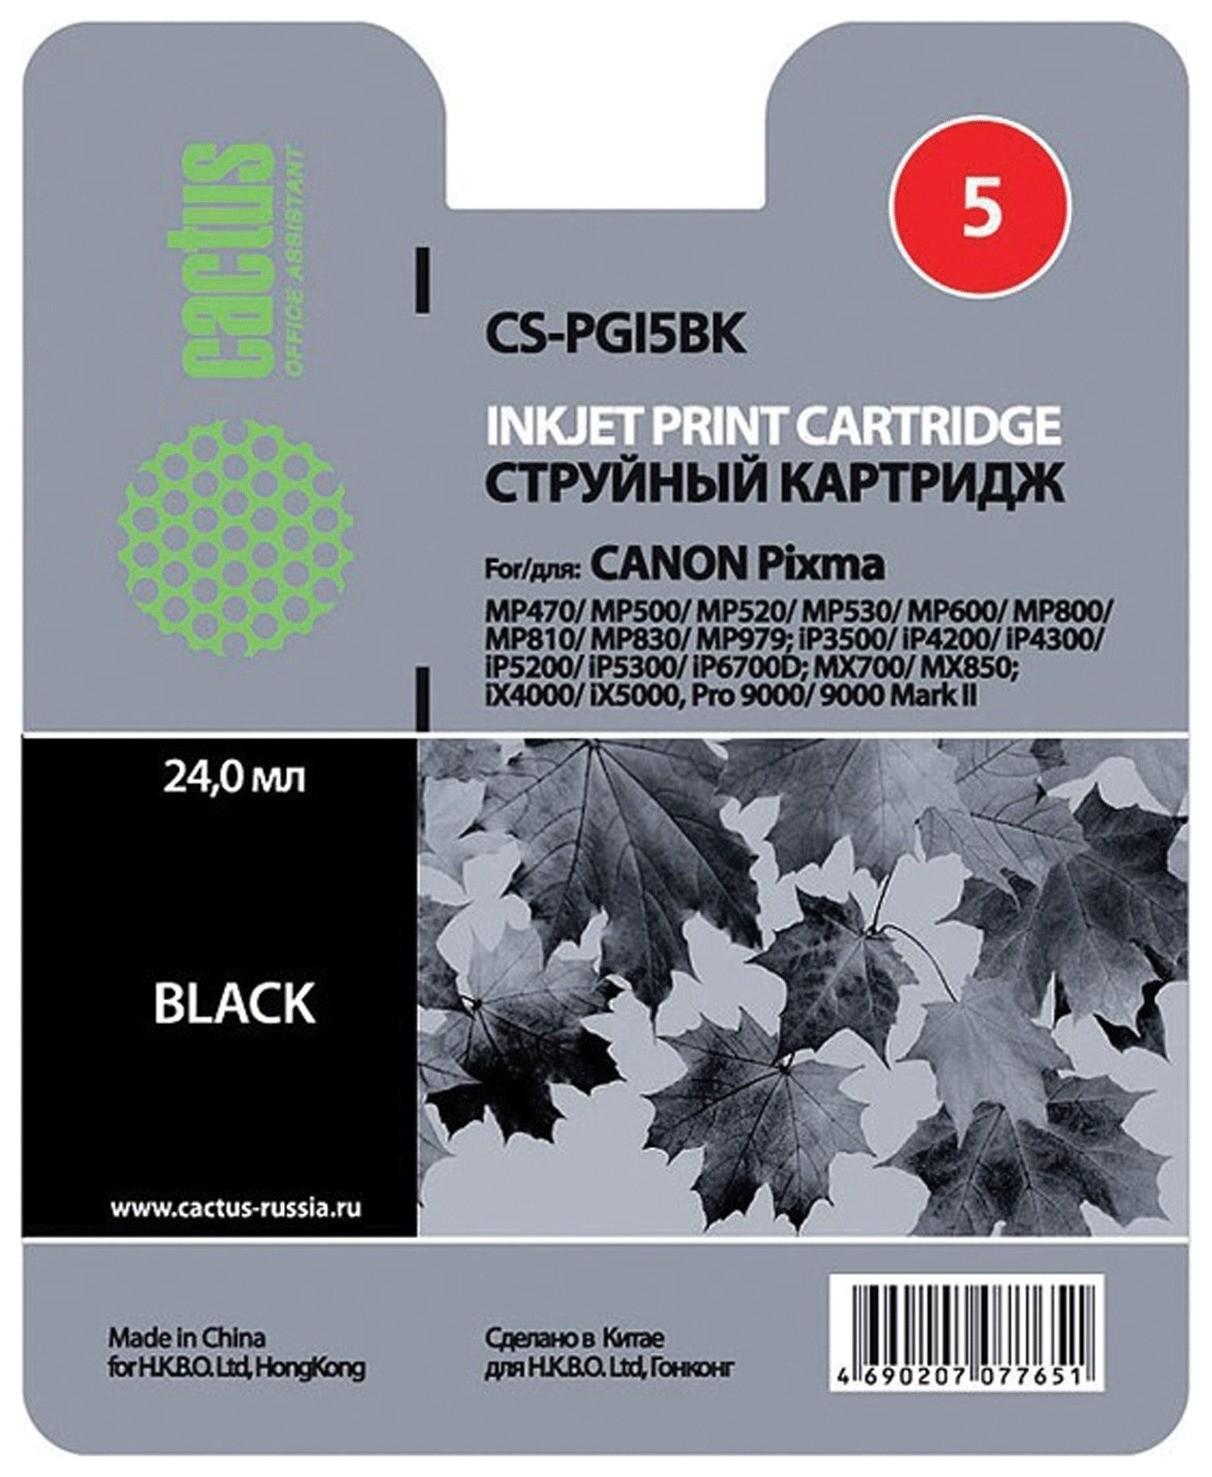 Картридж струйный CACTUS (CS-PGI5BK) для CANON Pixma iP4200/4300/4500/5200/5300   Cactus